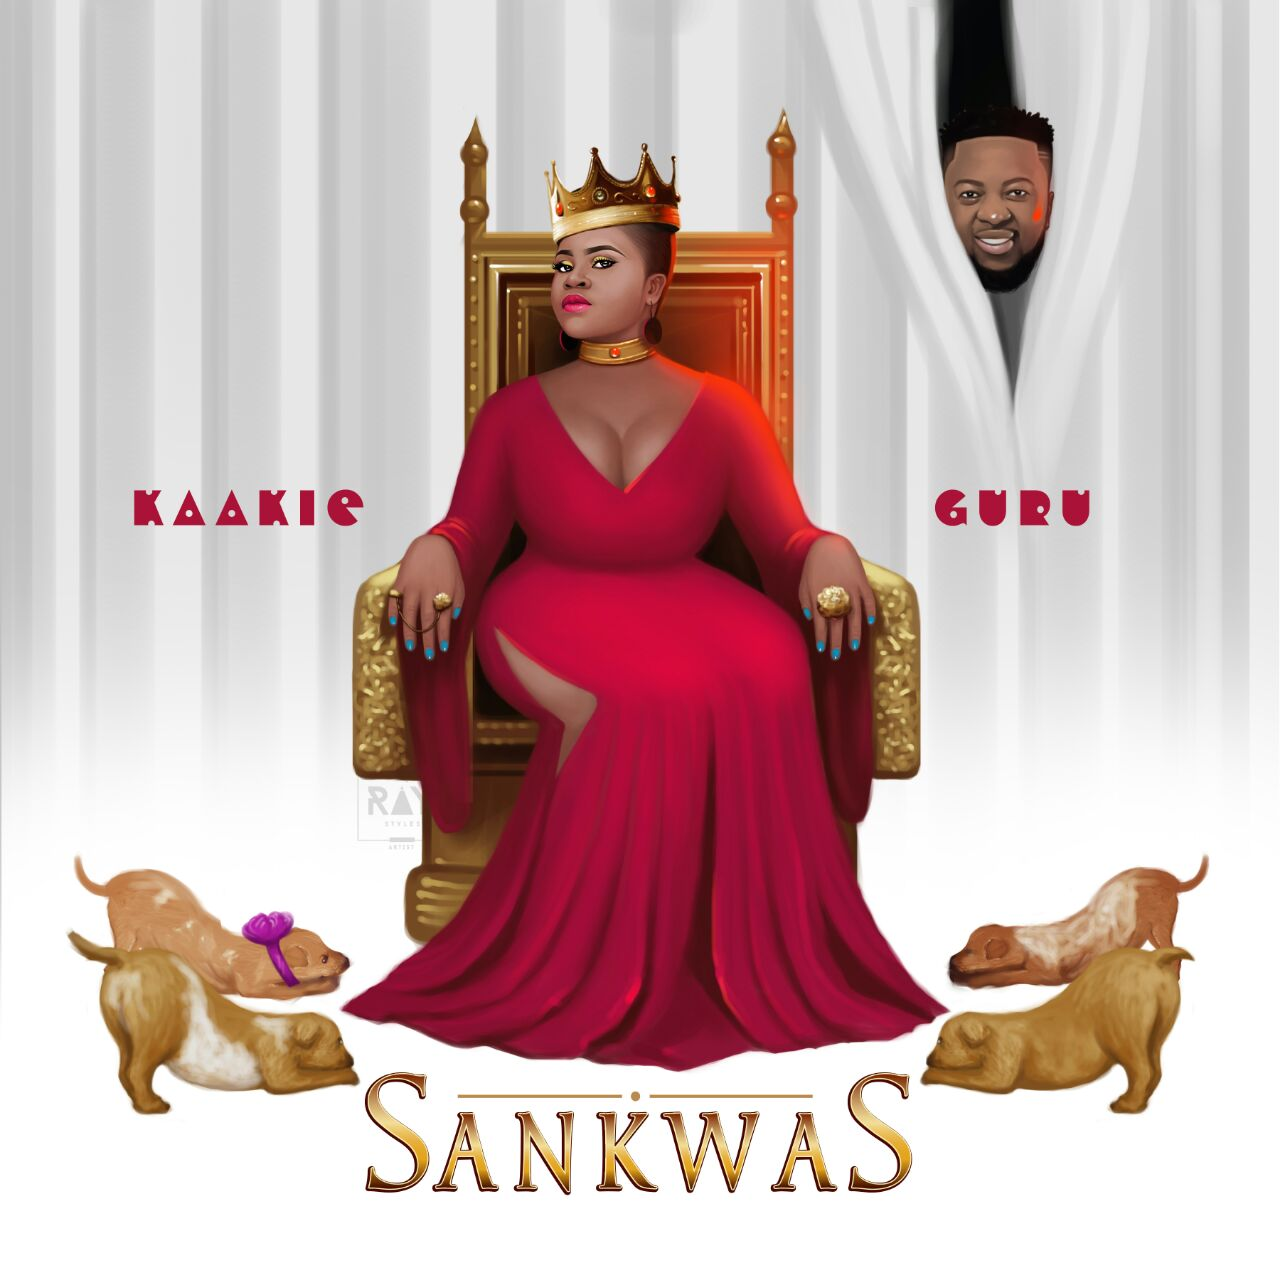 Kaakie - Sankwas ft Guru (Prod By JMJ)